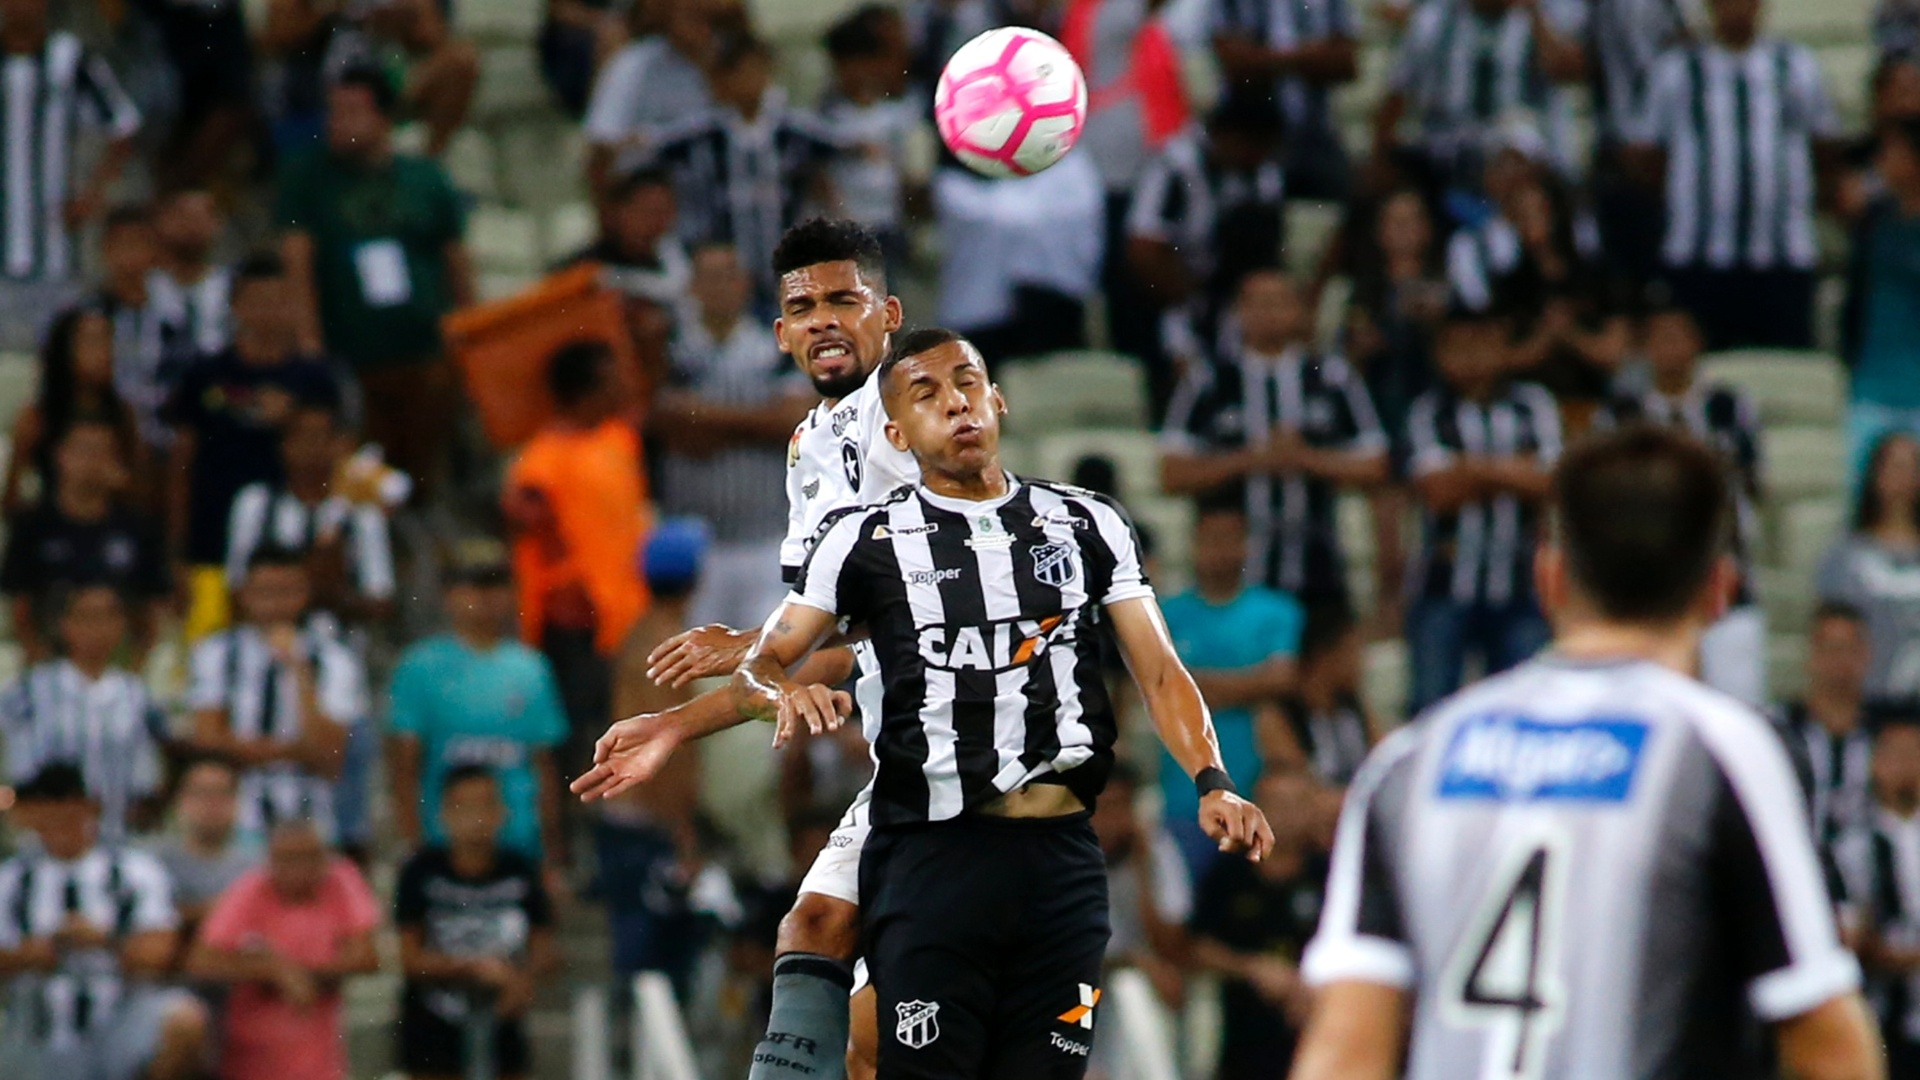 Botafogo e Ceará se enfrentaram nesta segunda-feira no Castelão